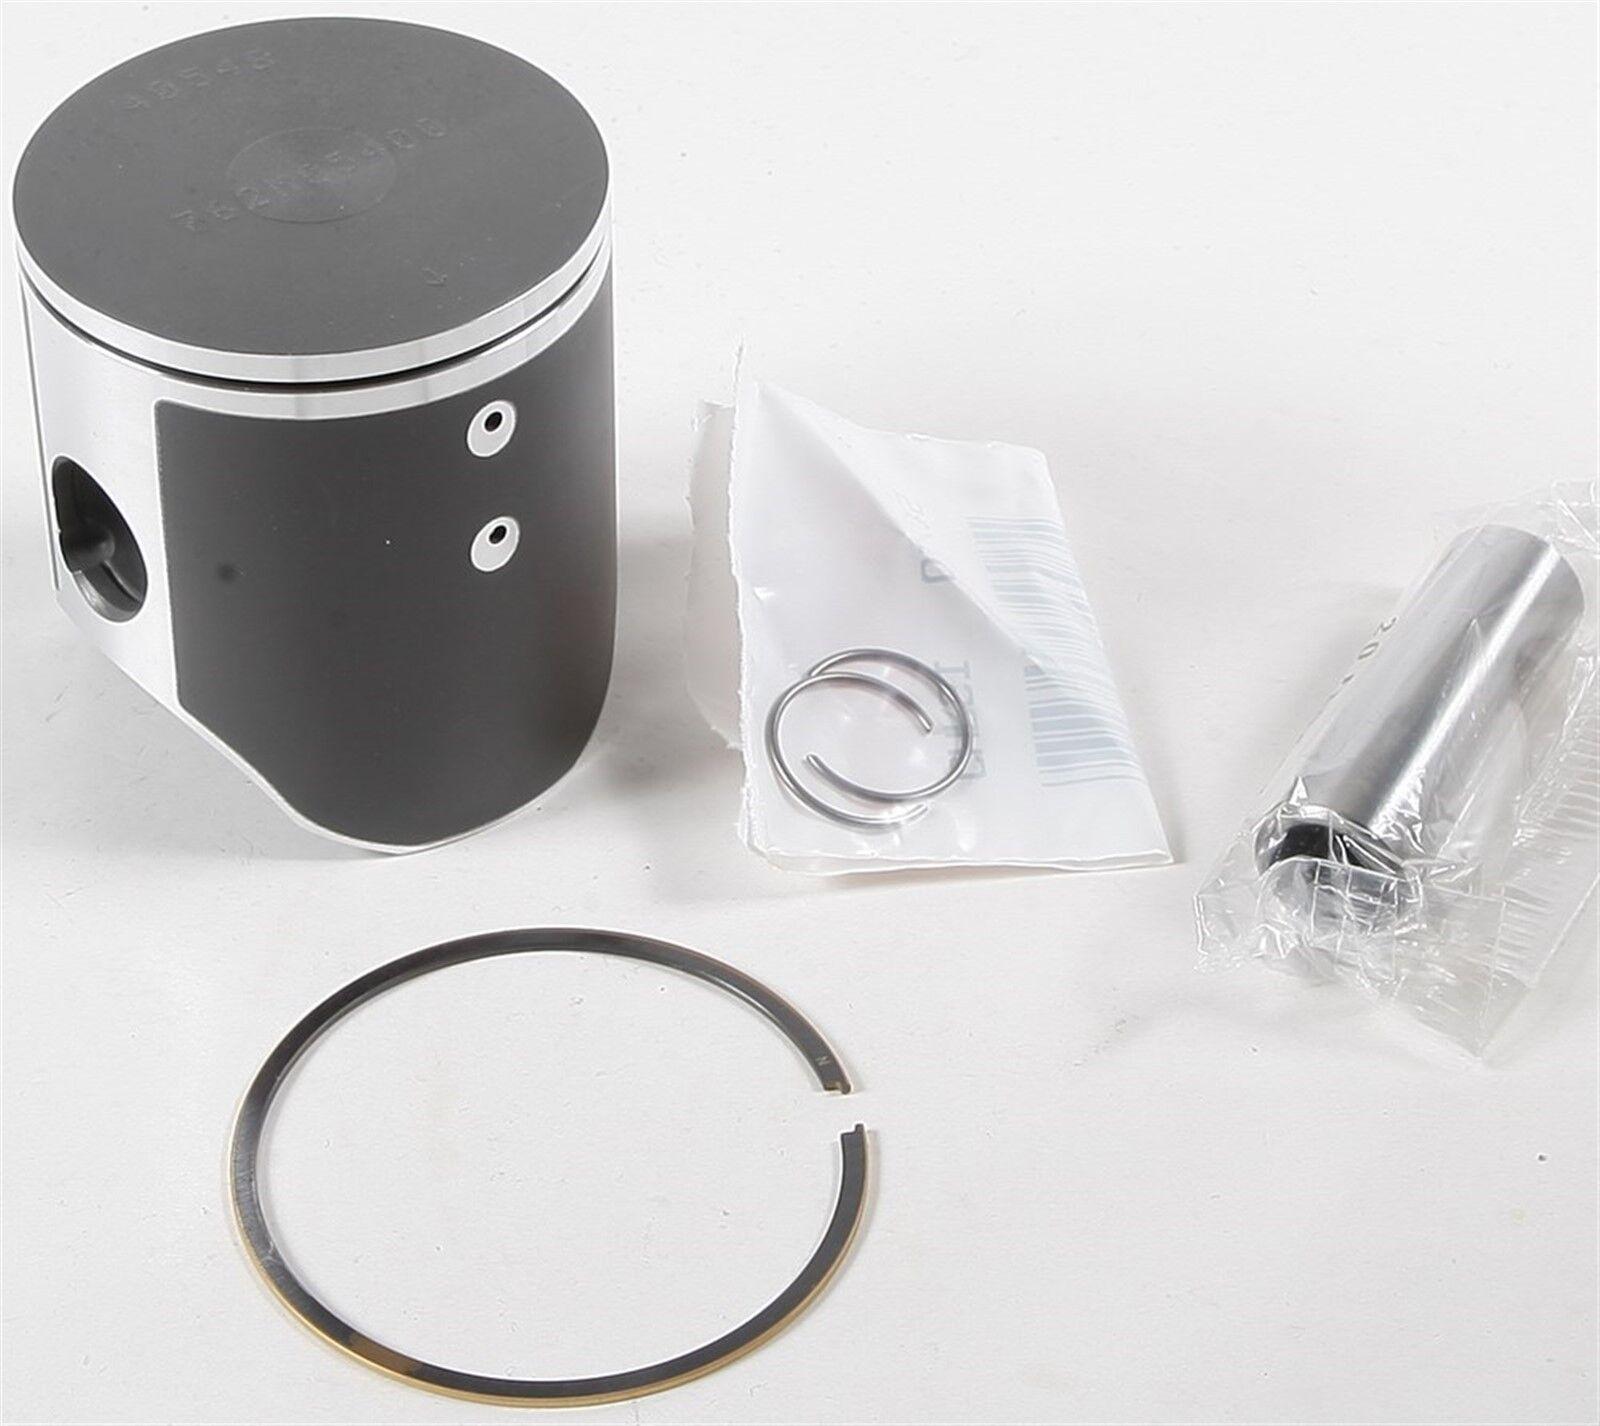 STRANGE 1//2 in ID Steel Single Adjustable Shocks Spherical Bearing P//N S5000K